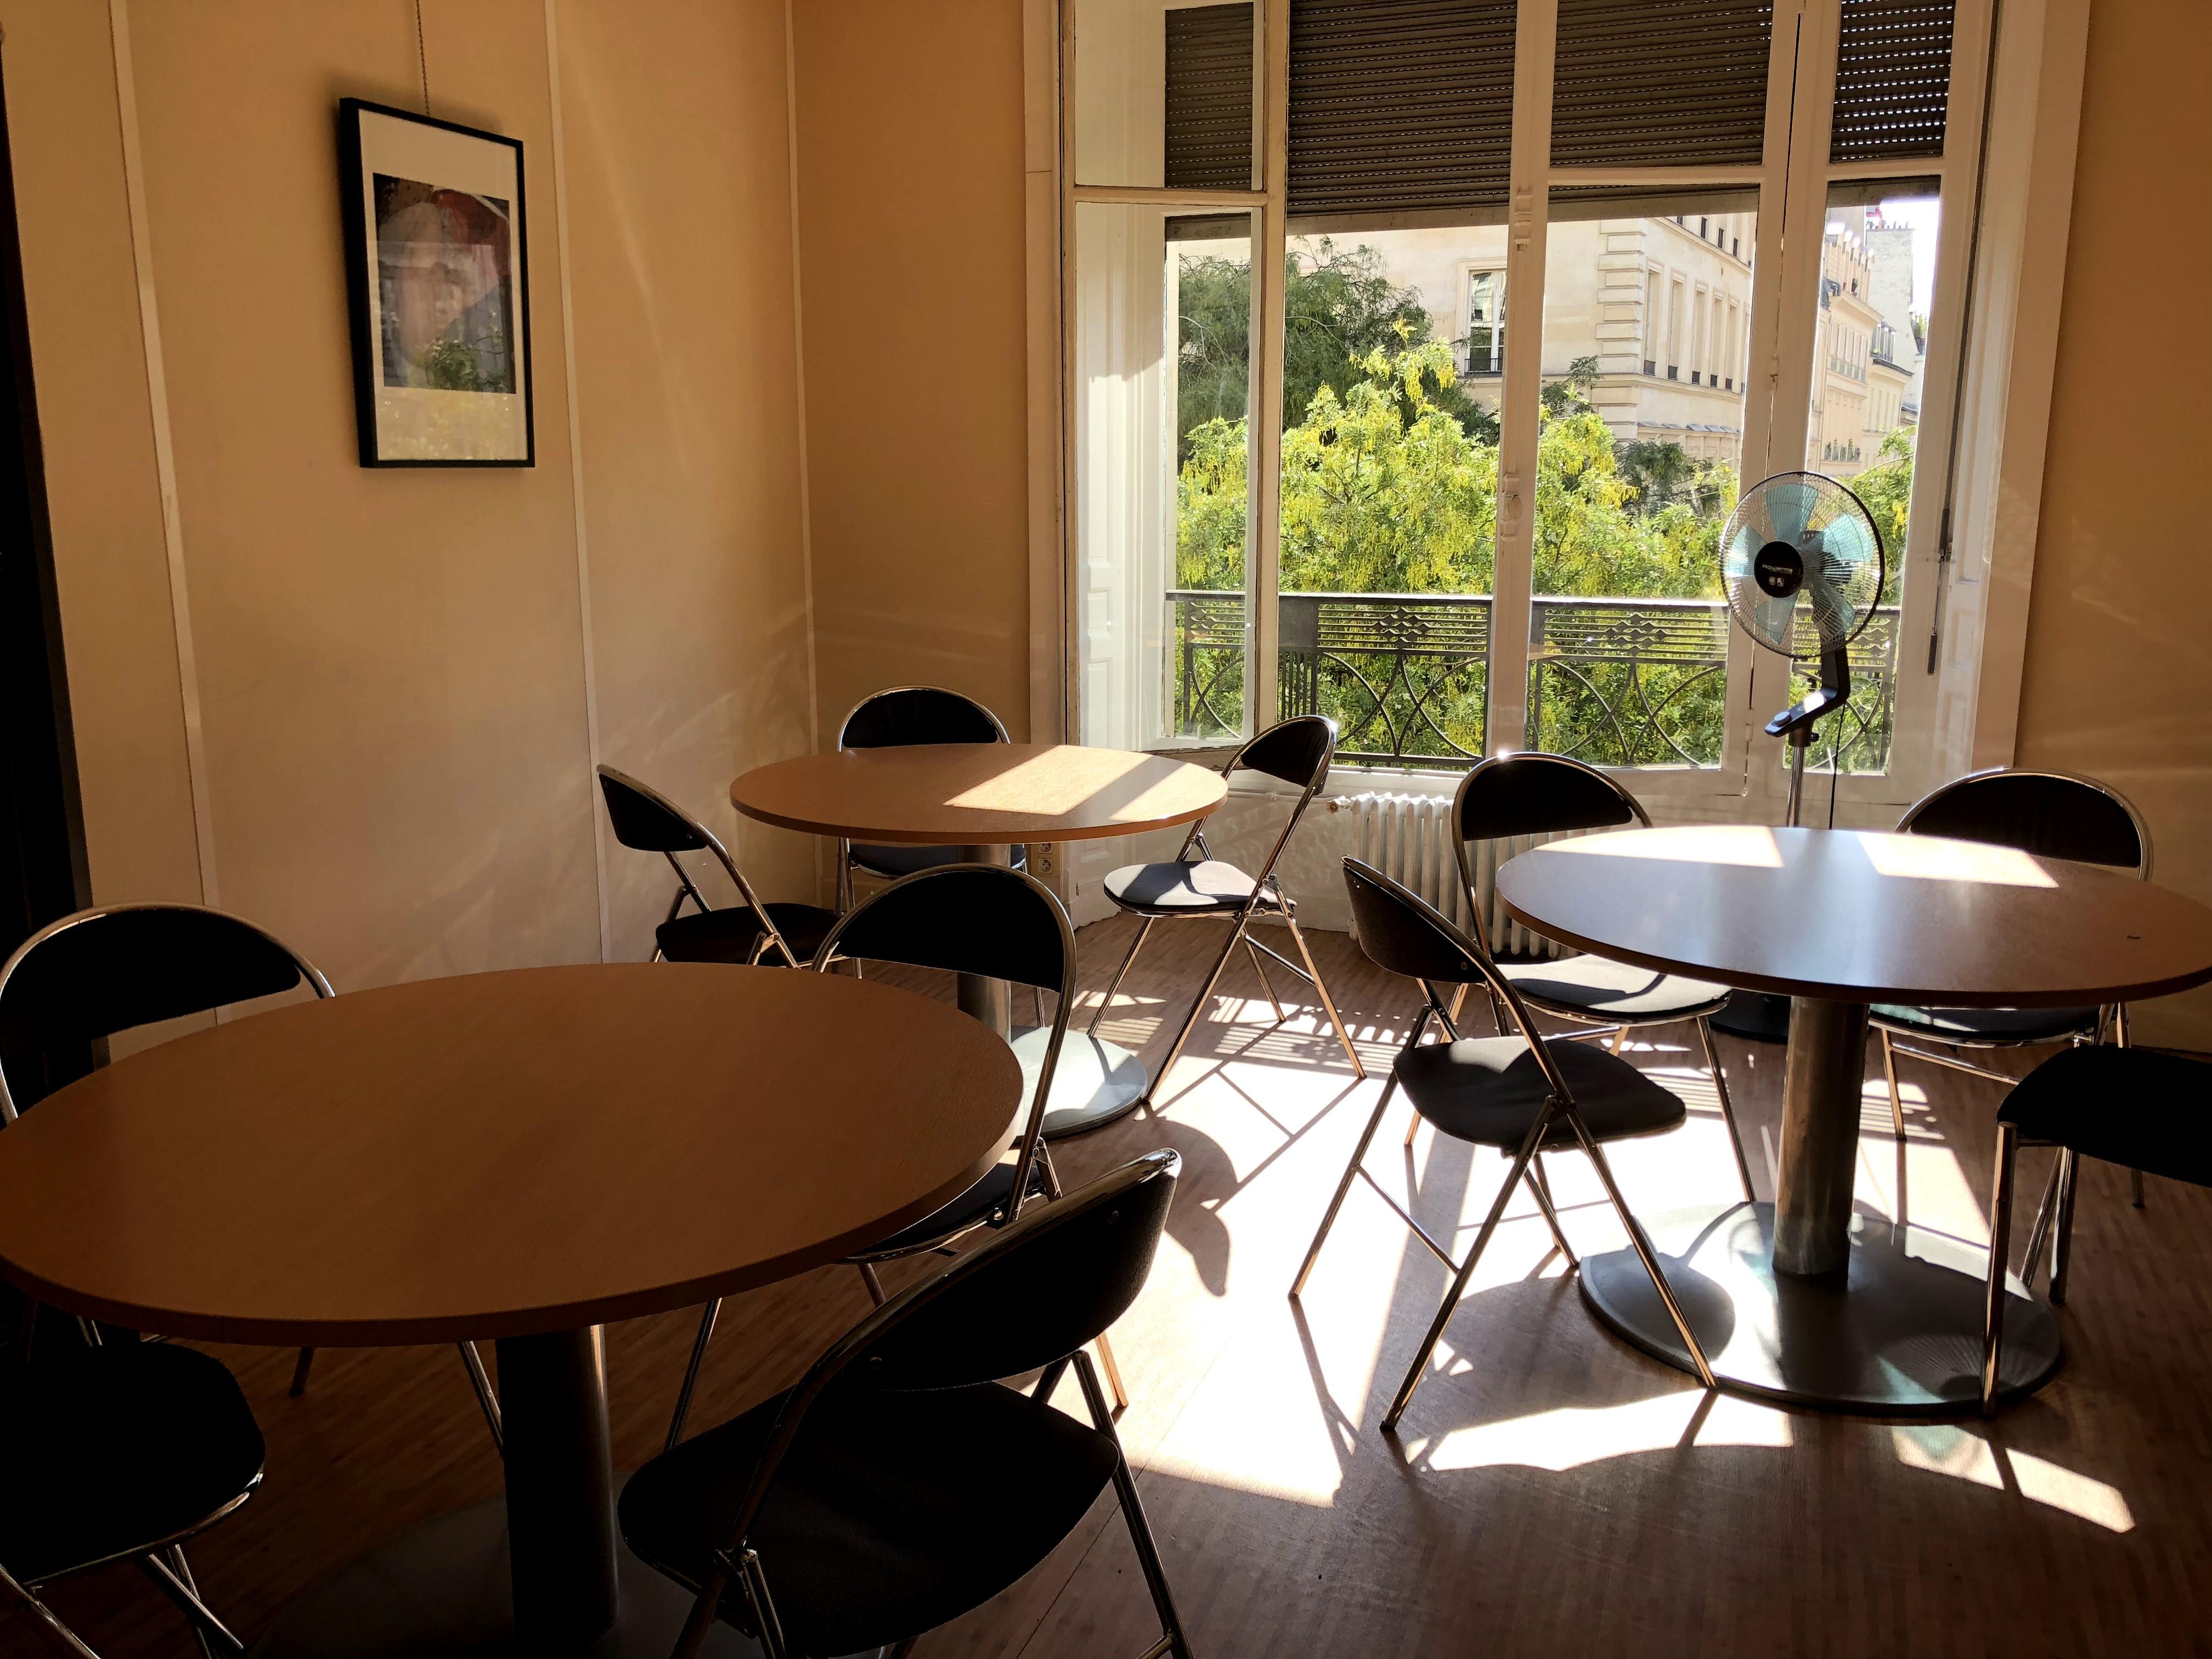 ACCORD アコール | フランス留学のアフィニティ